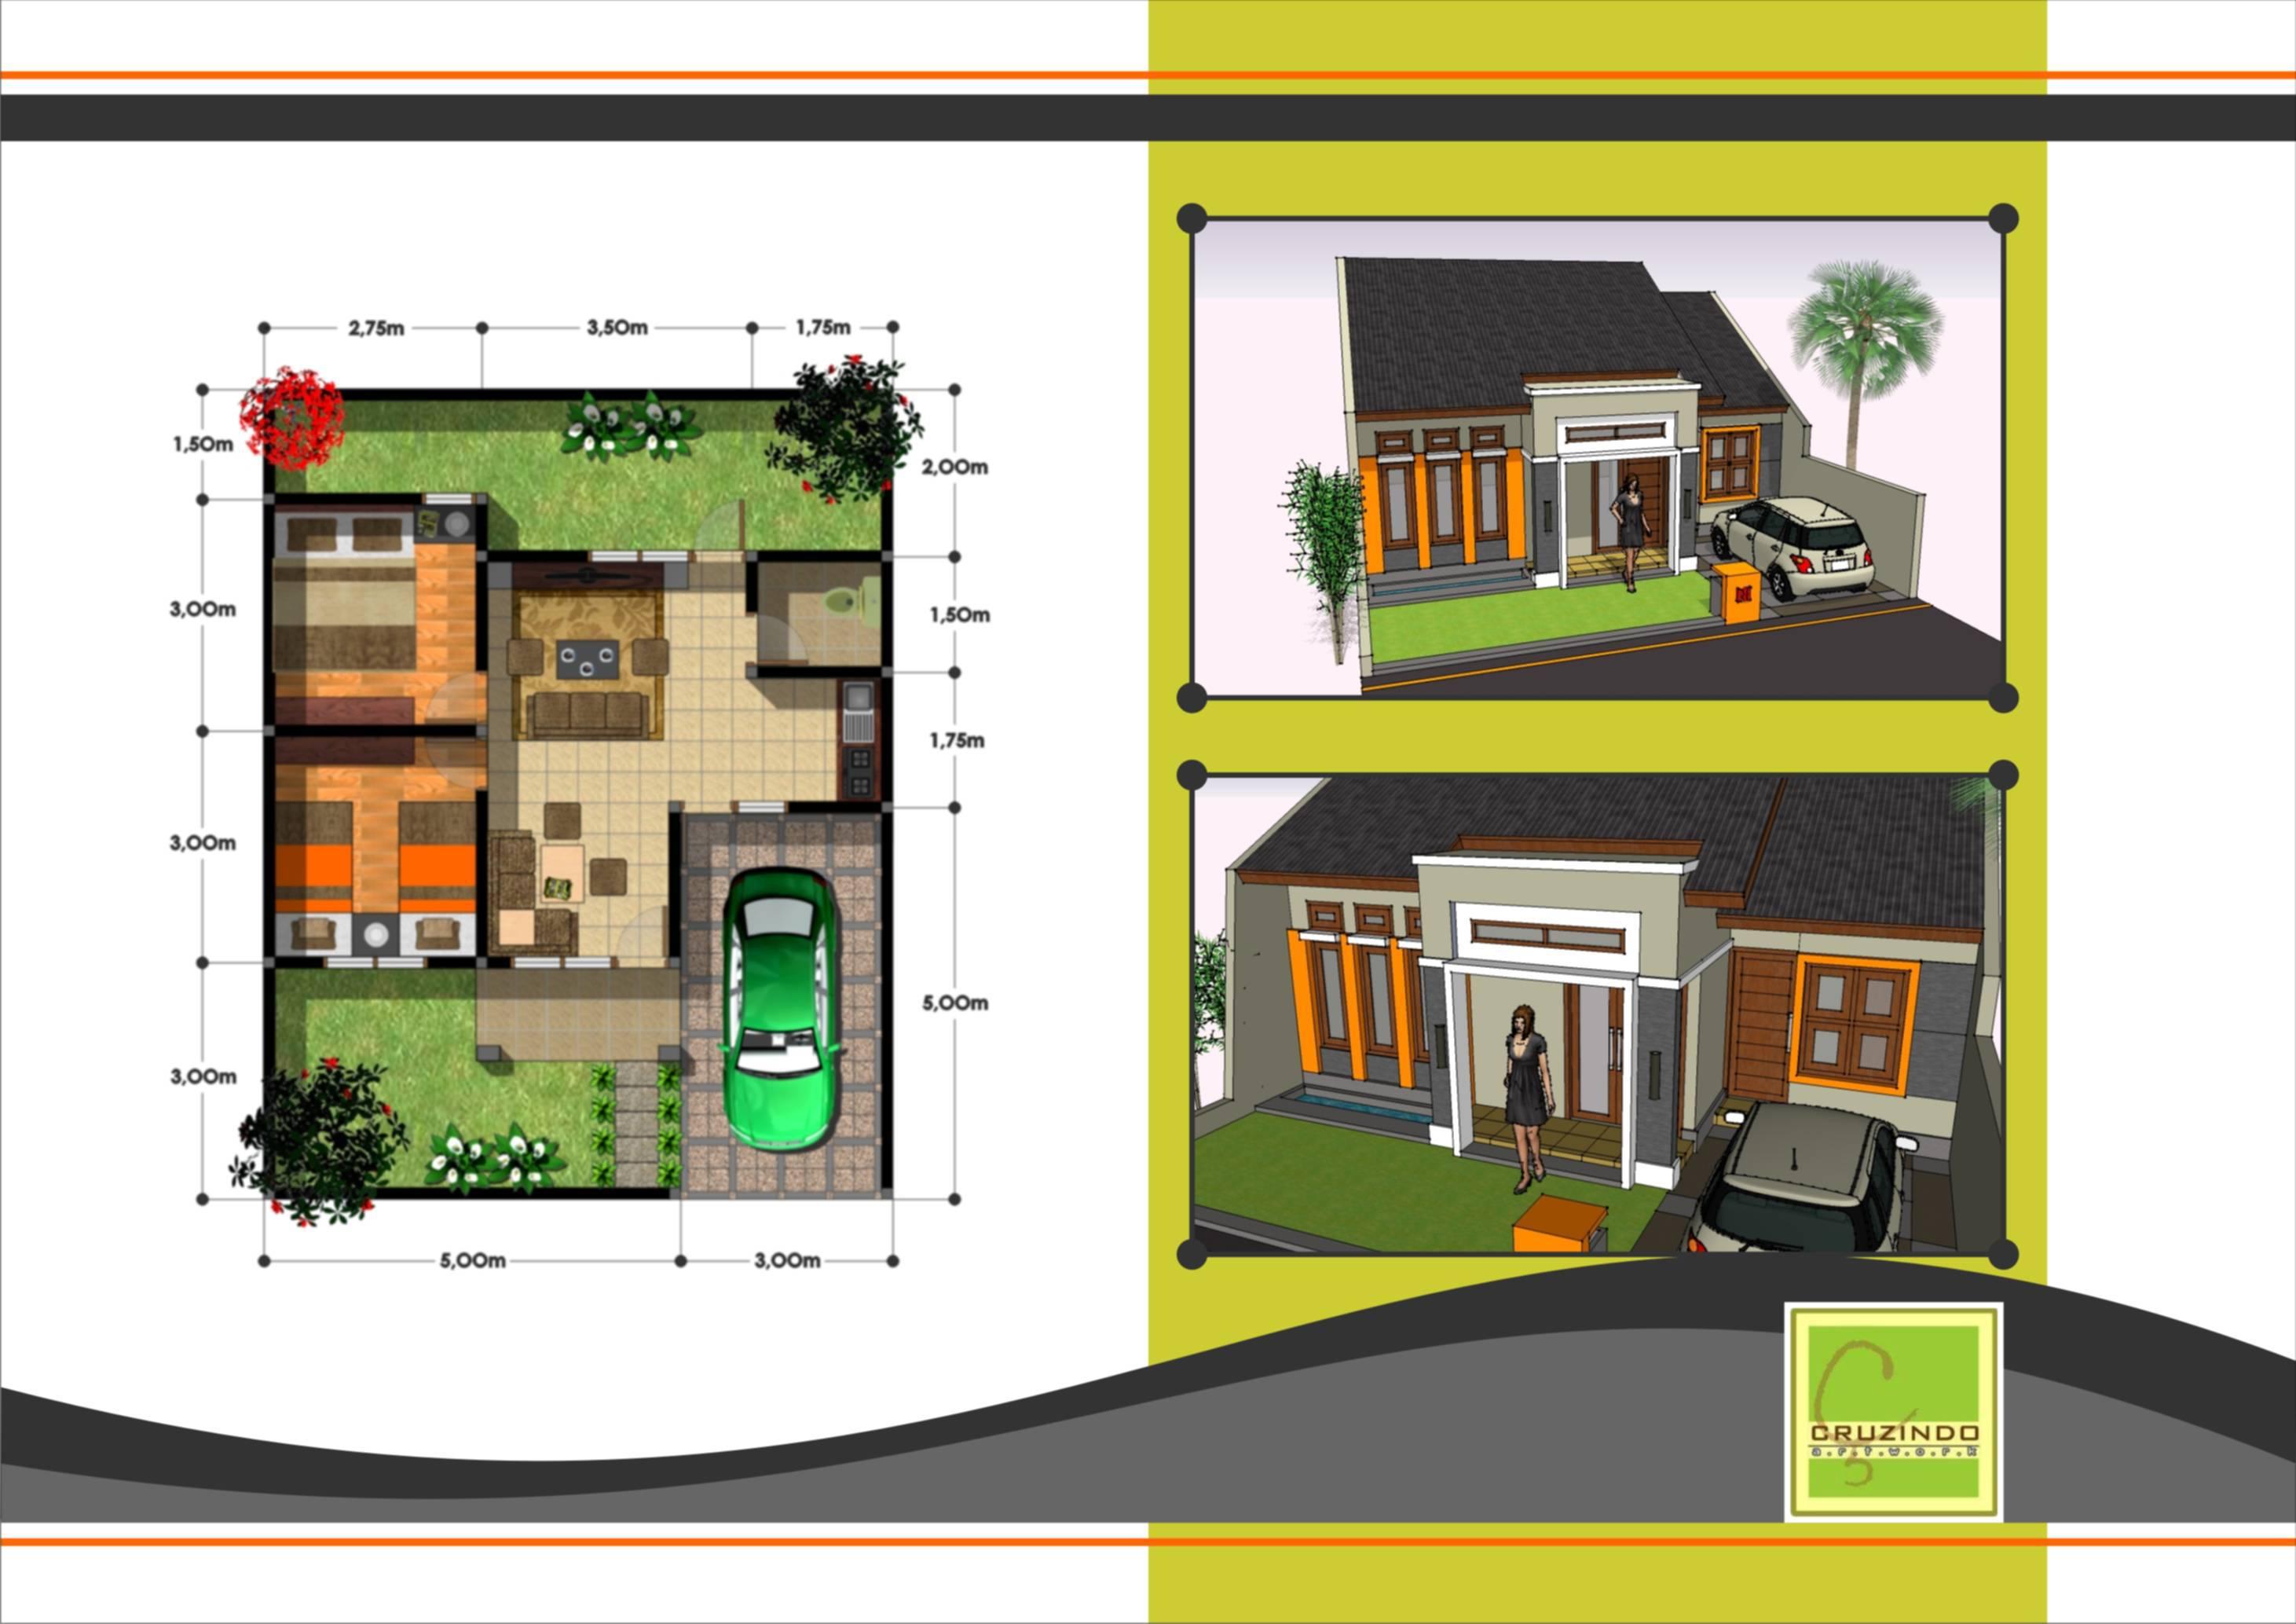 108 Desain Rumah Minimalis Modern Dan Sederhana Gambar Desain Rumah Minimalis